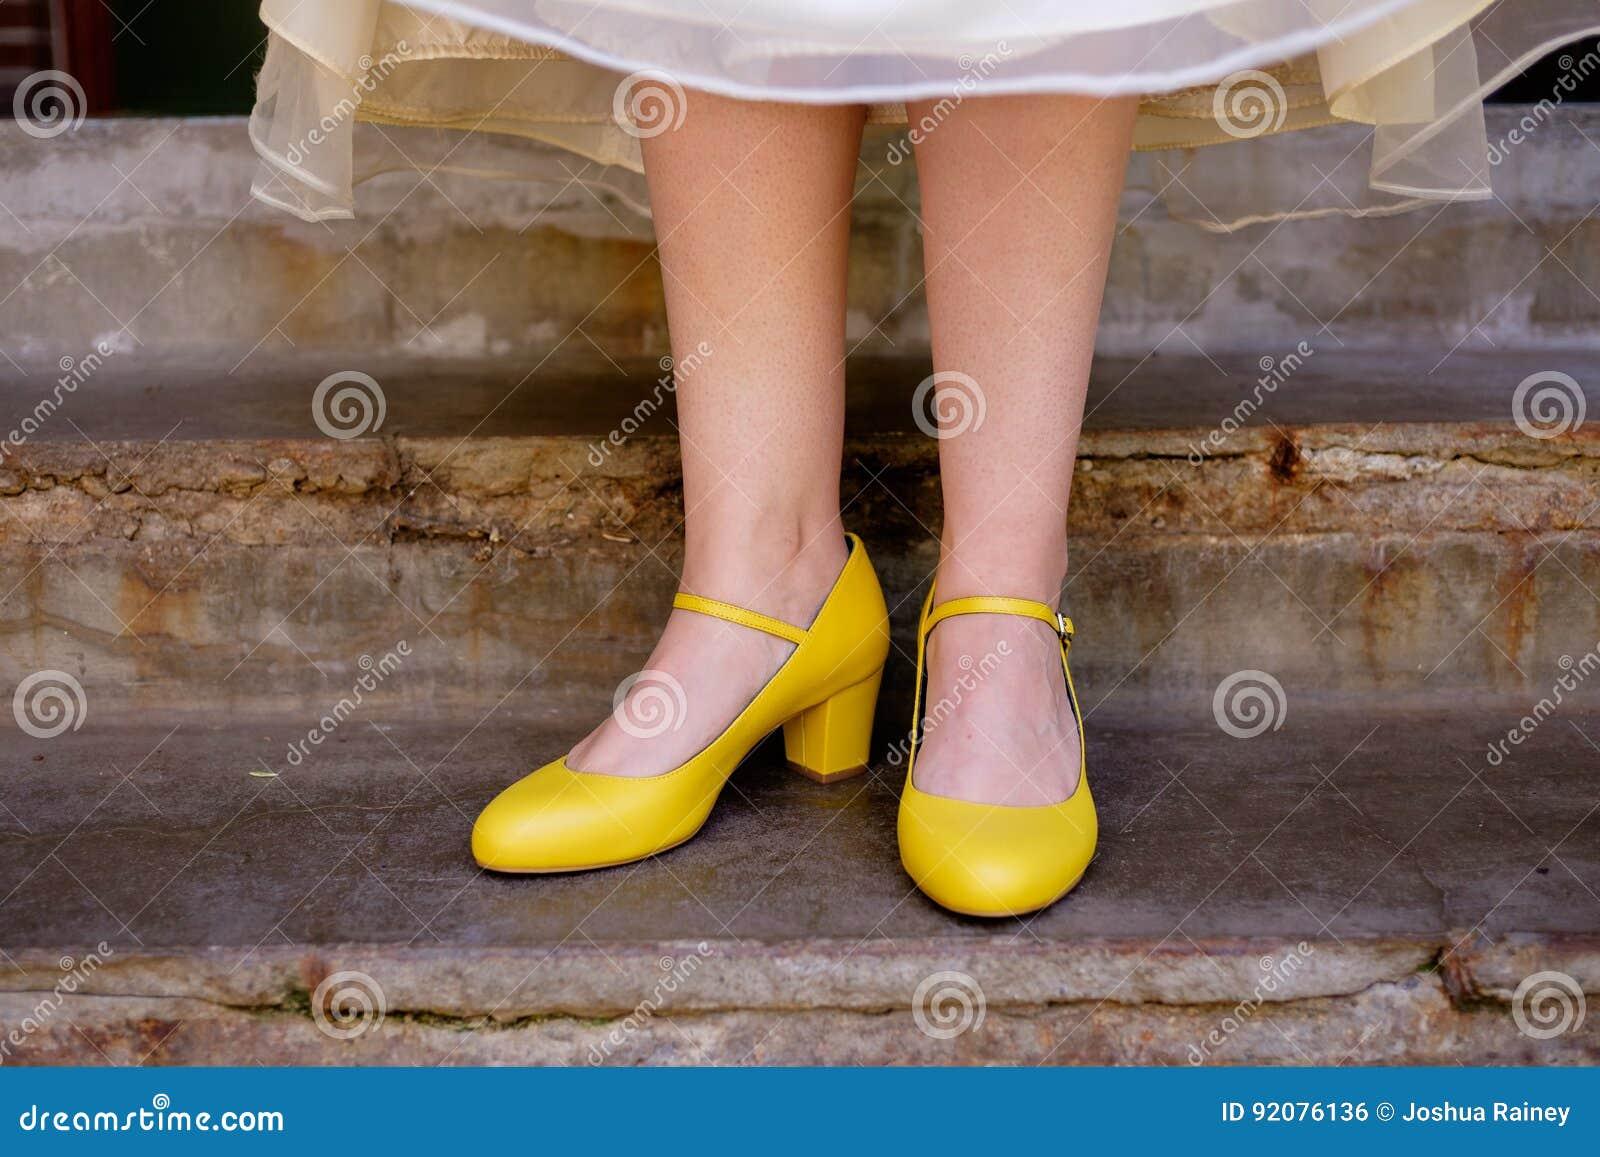 Scarpe Sposa Gialle.Scarpe Gialle Di Nozze Della Sposa Fotografia Stock Immagine Di